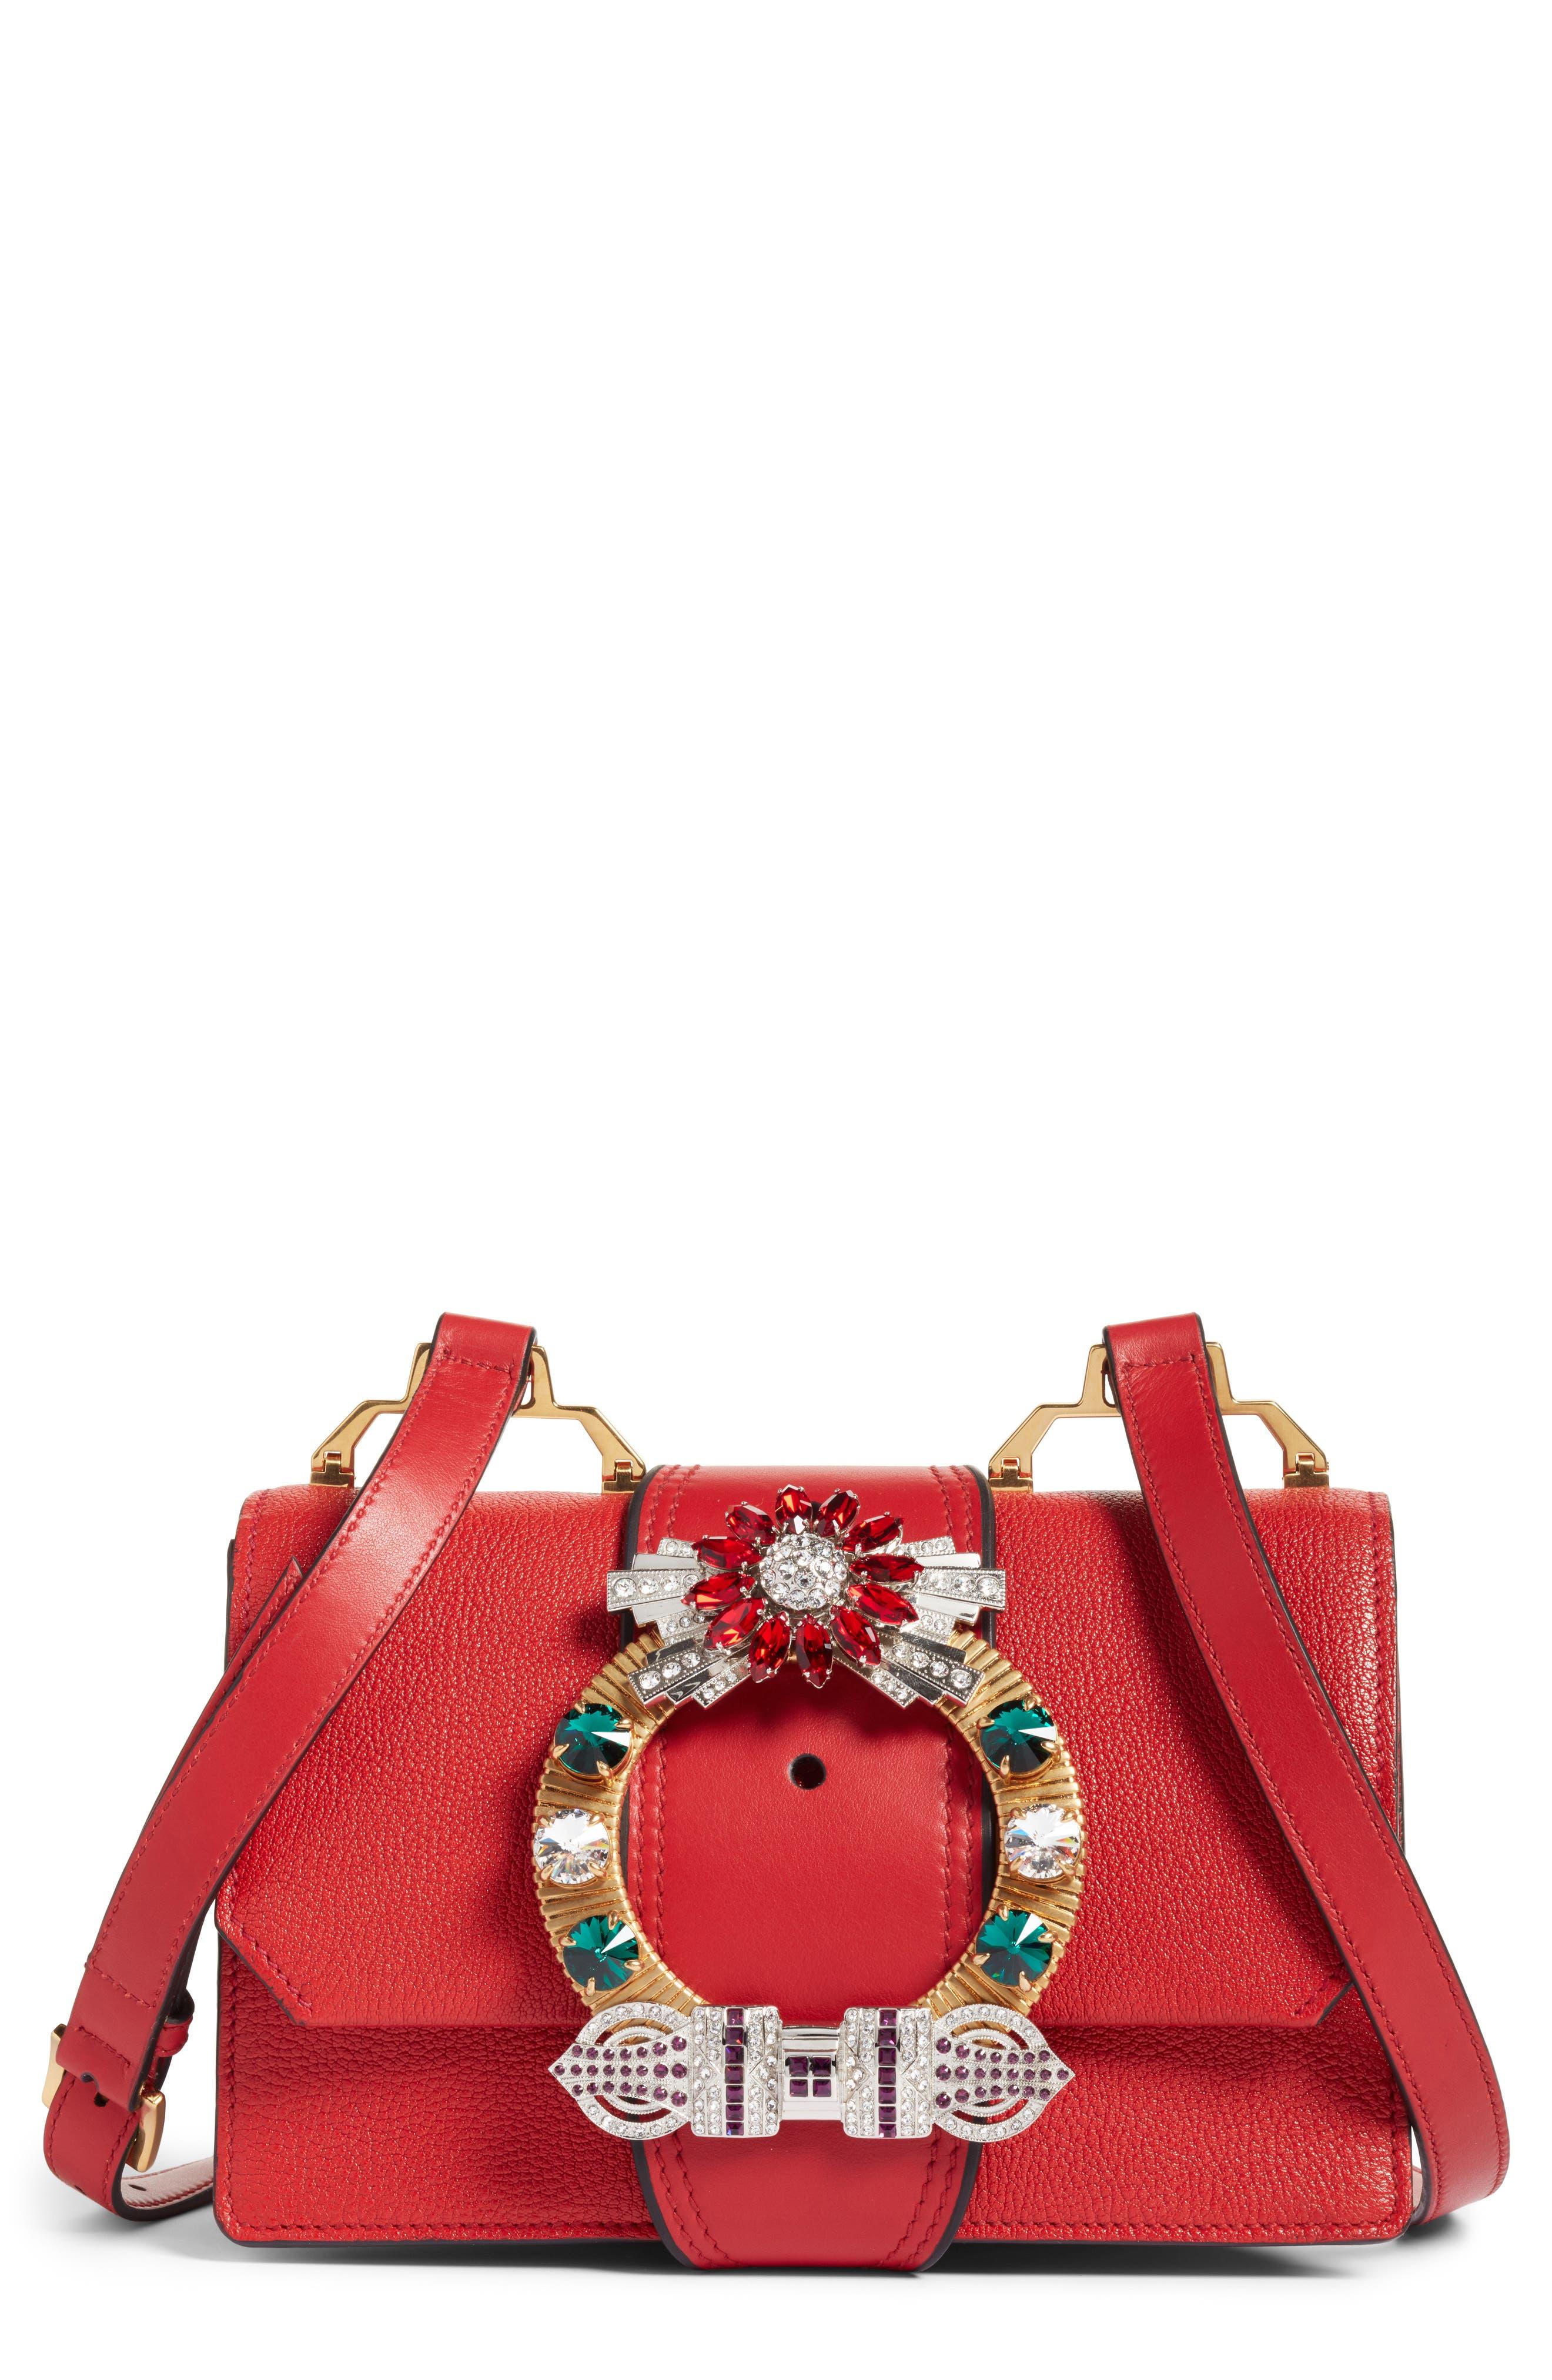 Main Image - Miu Miu Madras Crystal Embellished Leather Shoulder Bag